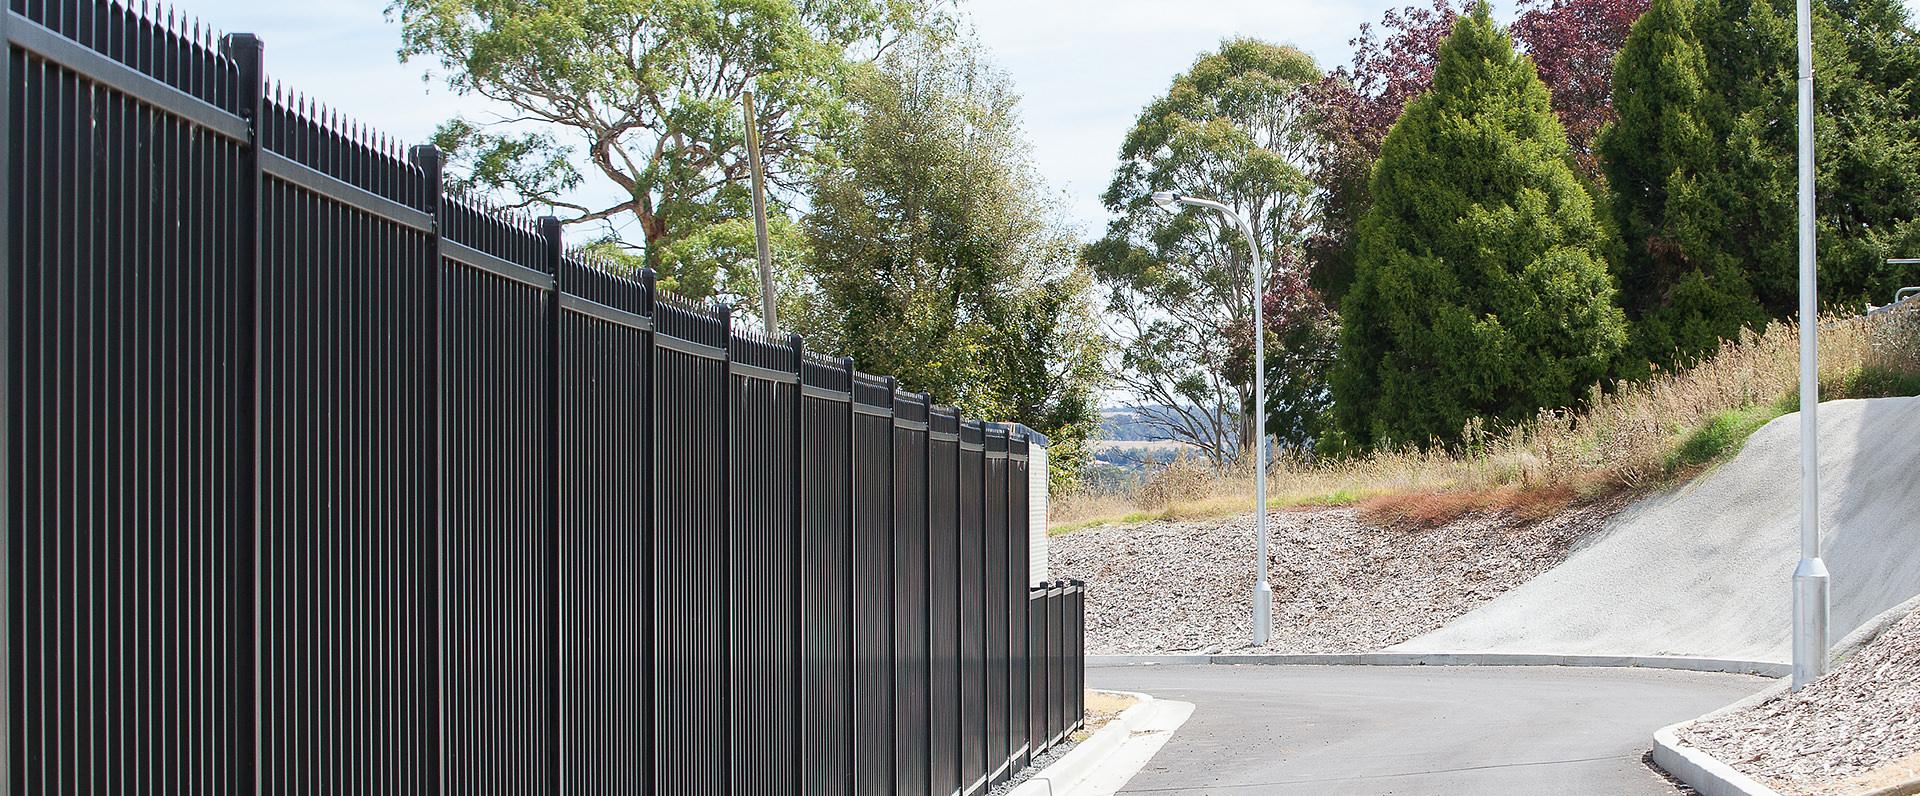 JNC Fencing + Security